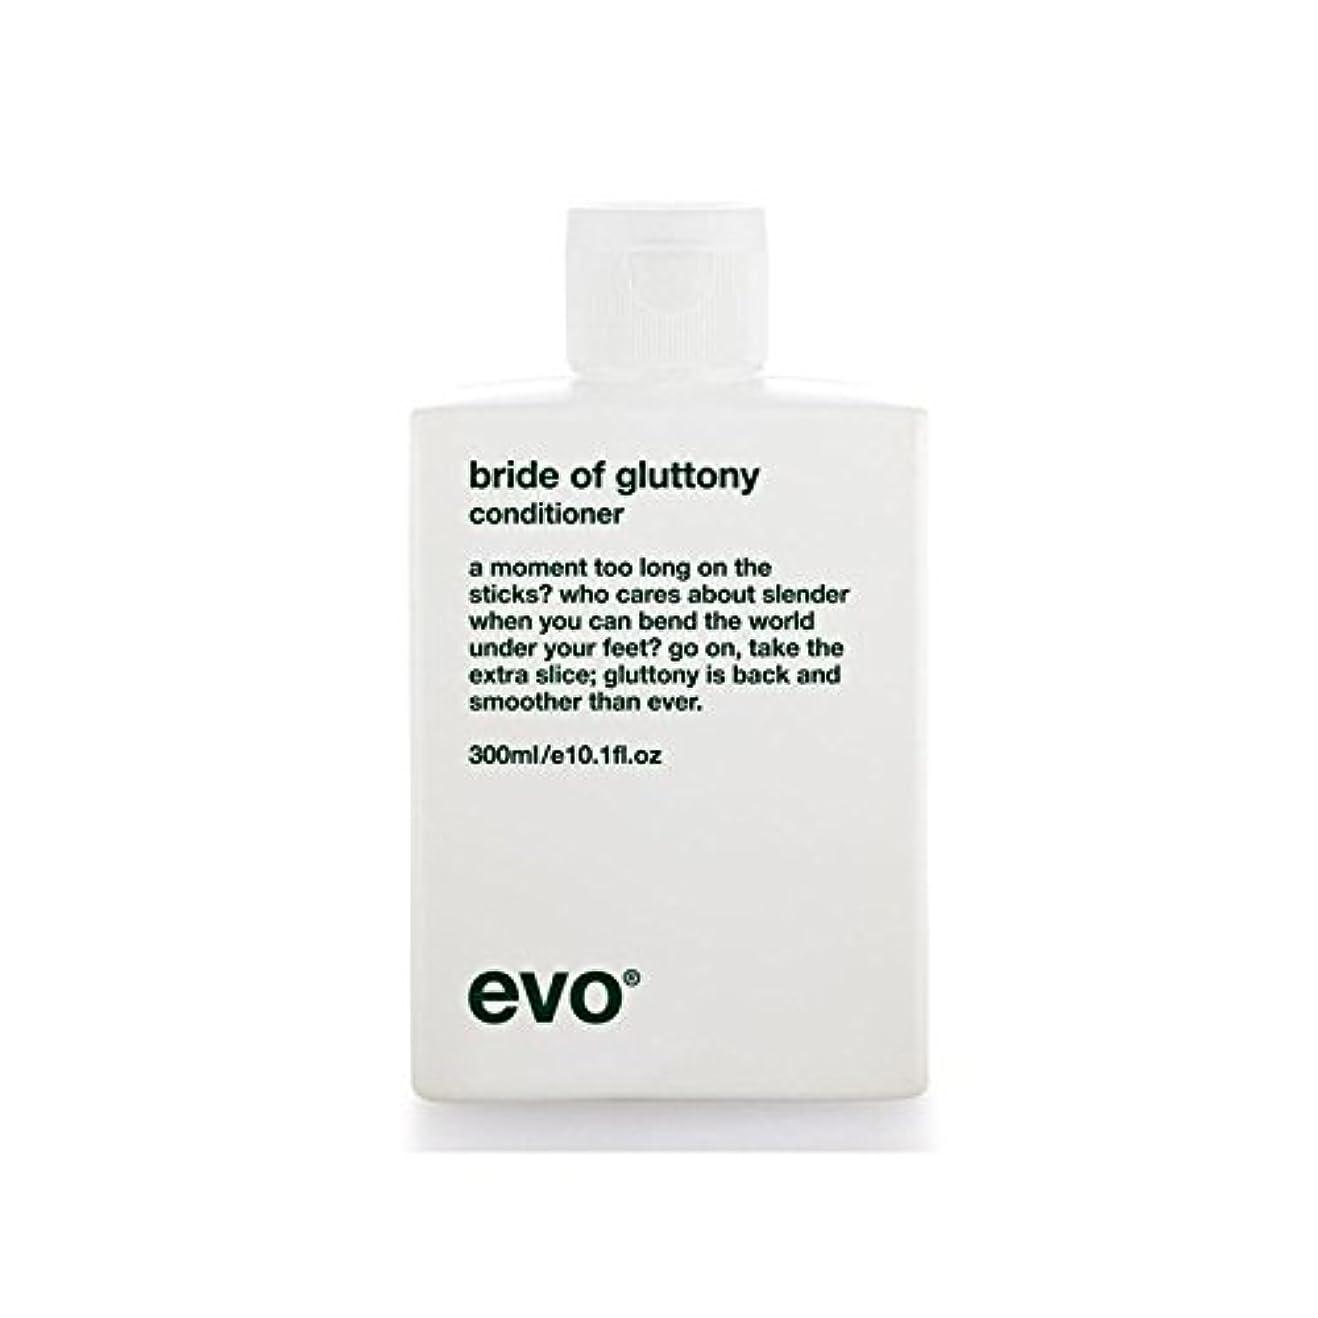 タイルカーペットメイド飽食のボリュームコンディショナーのエボ花嫁 x4 - Evo Bride Of Gluttony Volume Conditioner (Pack of 4) [並行輸入品]